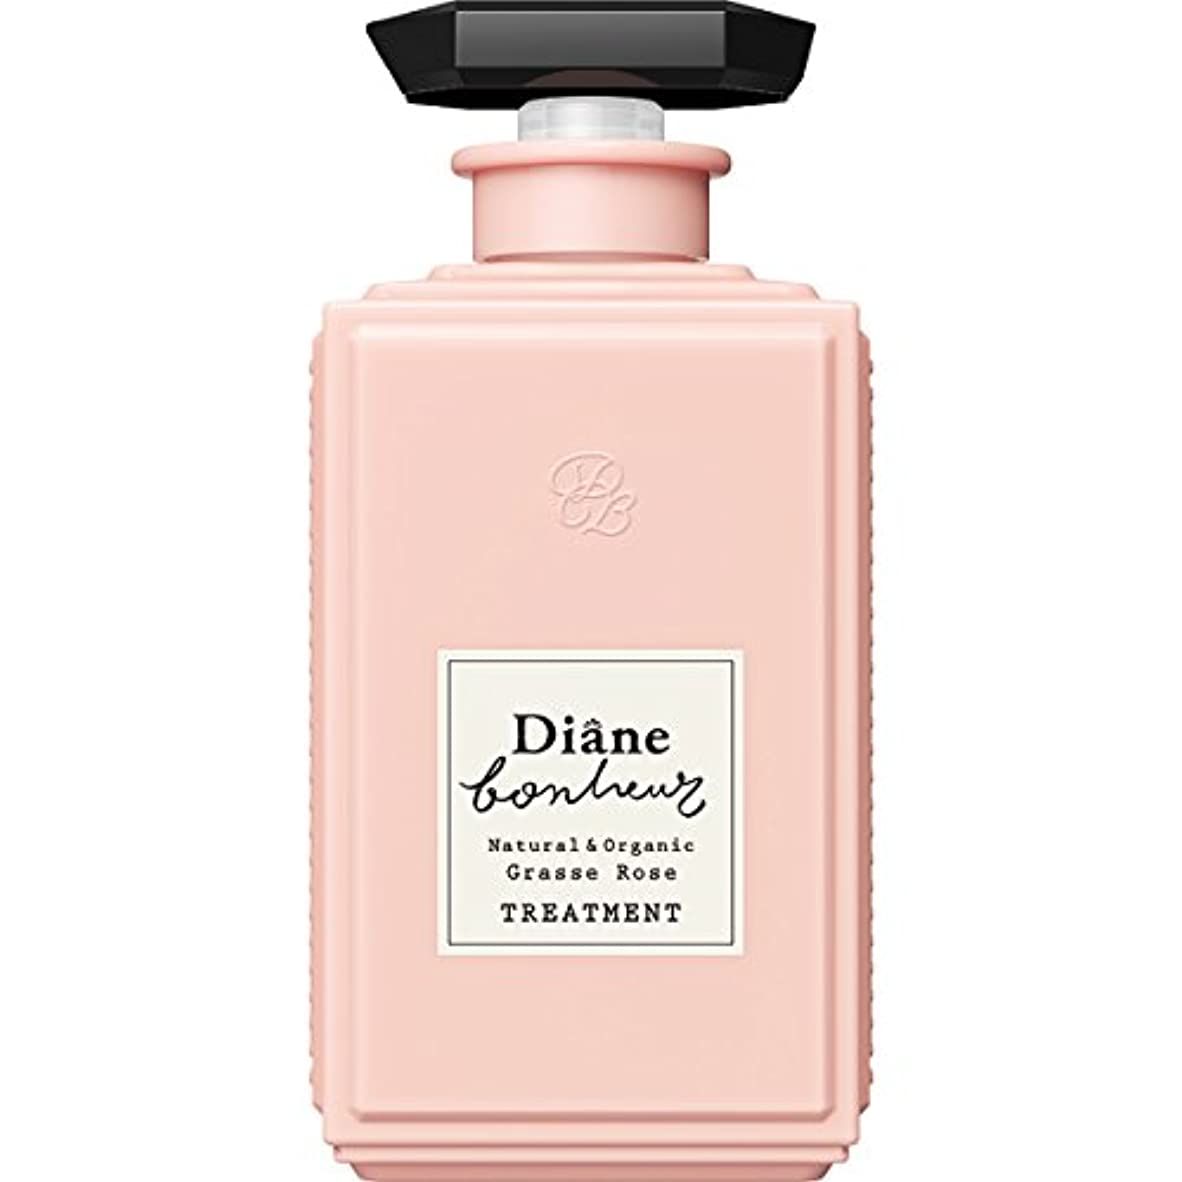 リール思い出させる専門用語ダイアン ボヌール グラースローズの香り ダメージリペア トリートメント 500ml